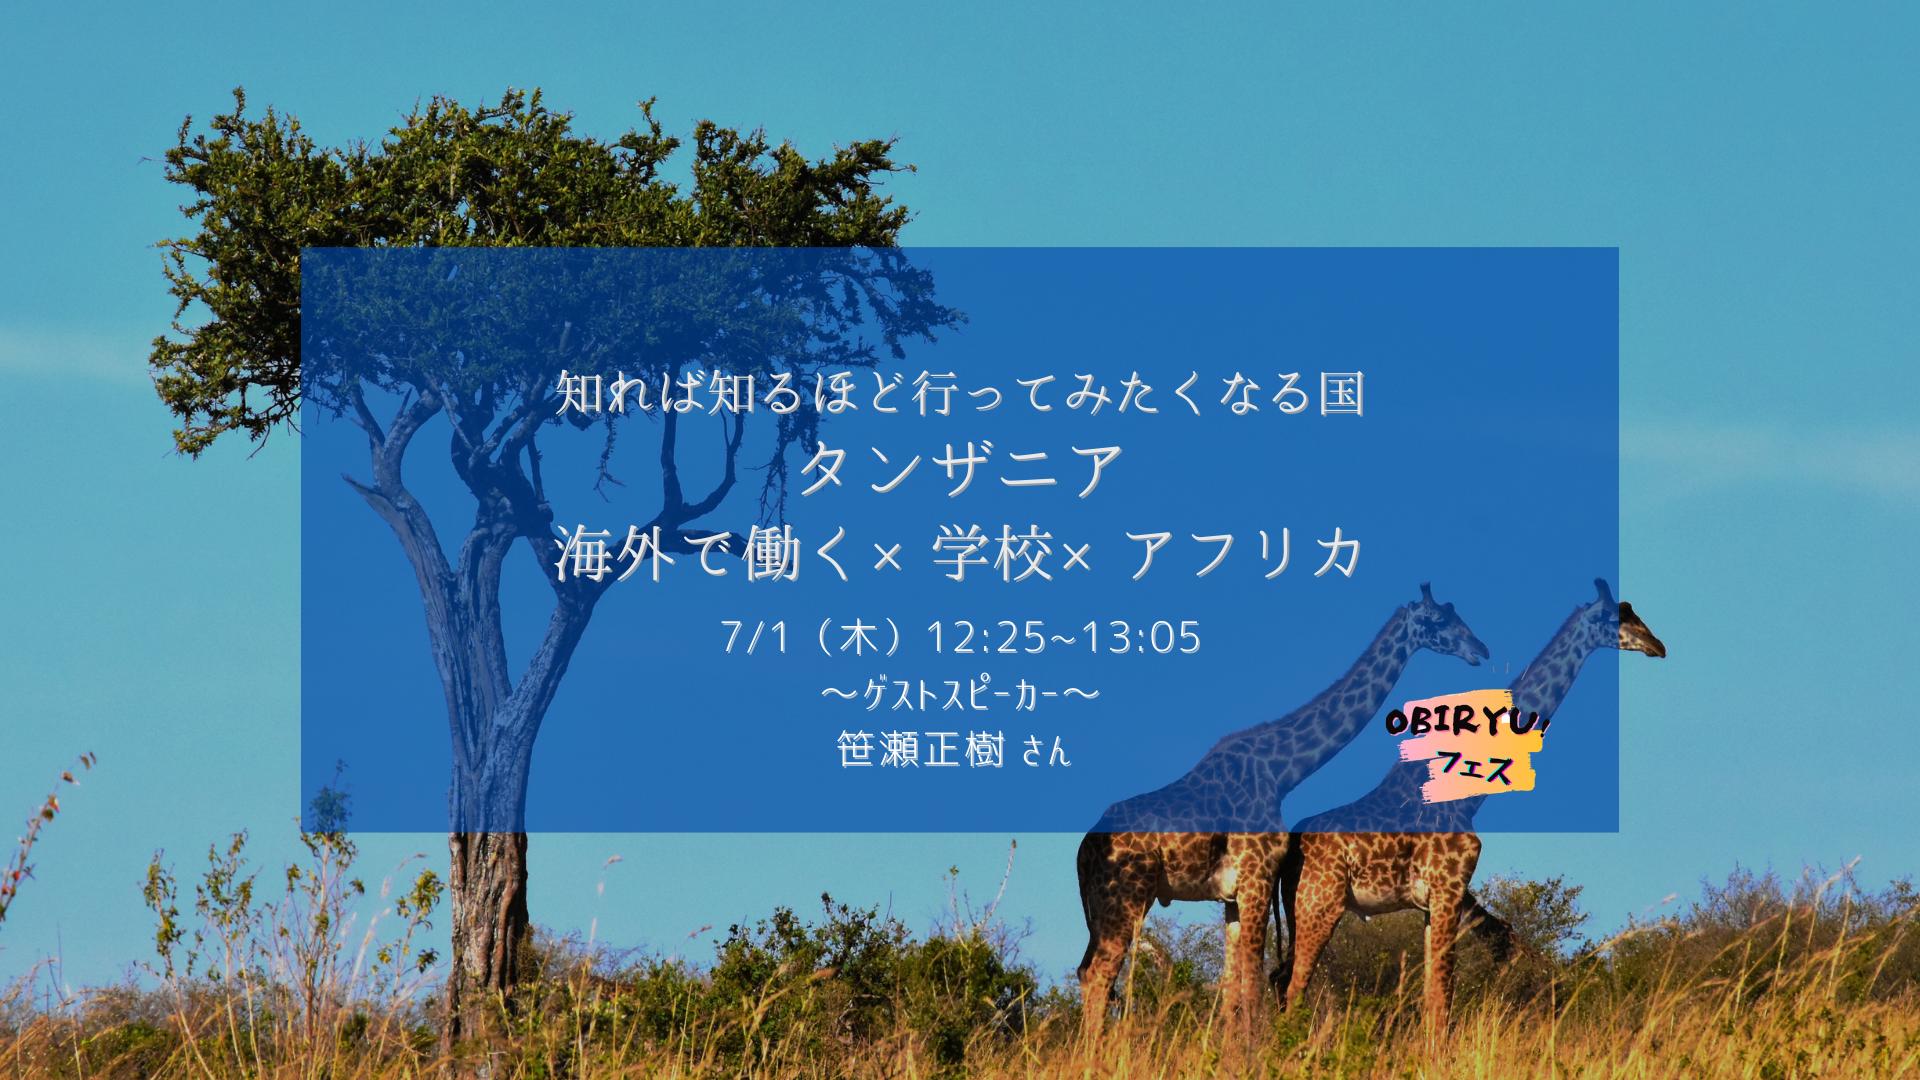 【イベント】7/1 知れば知るほど行ってみたくなる国 タンザニア 海外で働く×学校×アフリカ